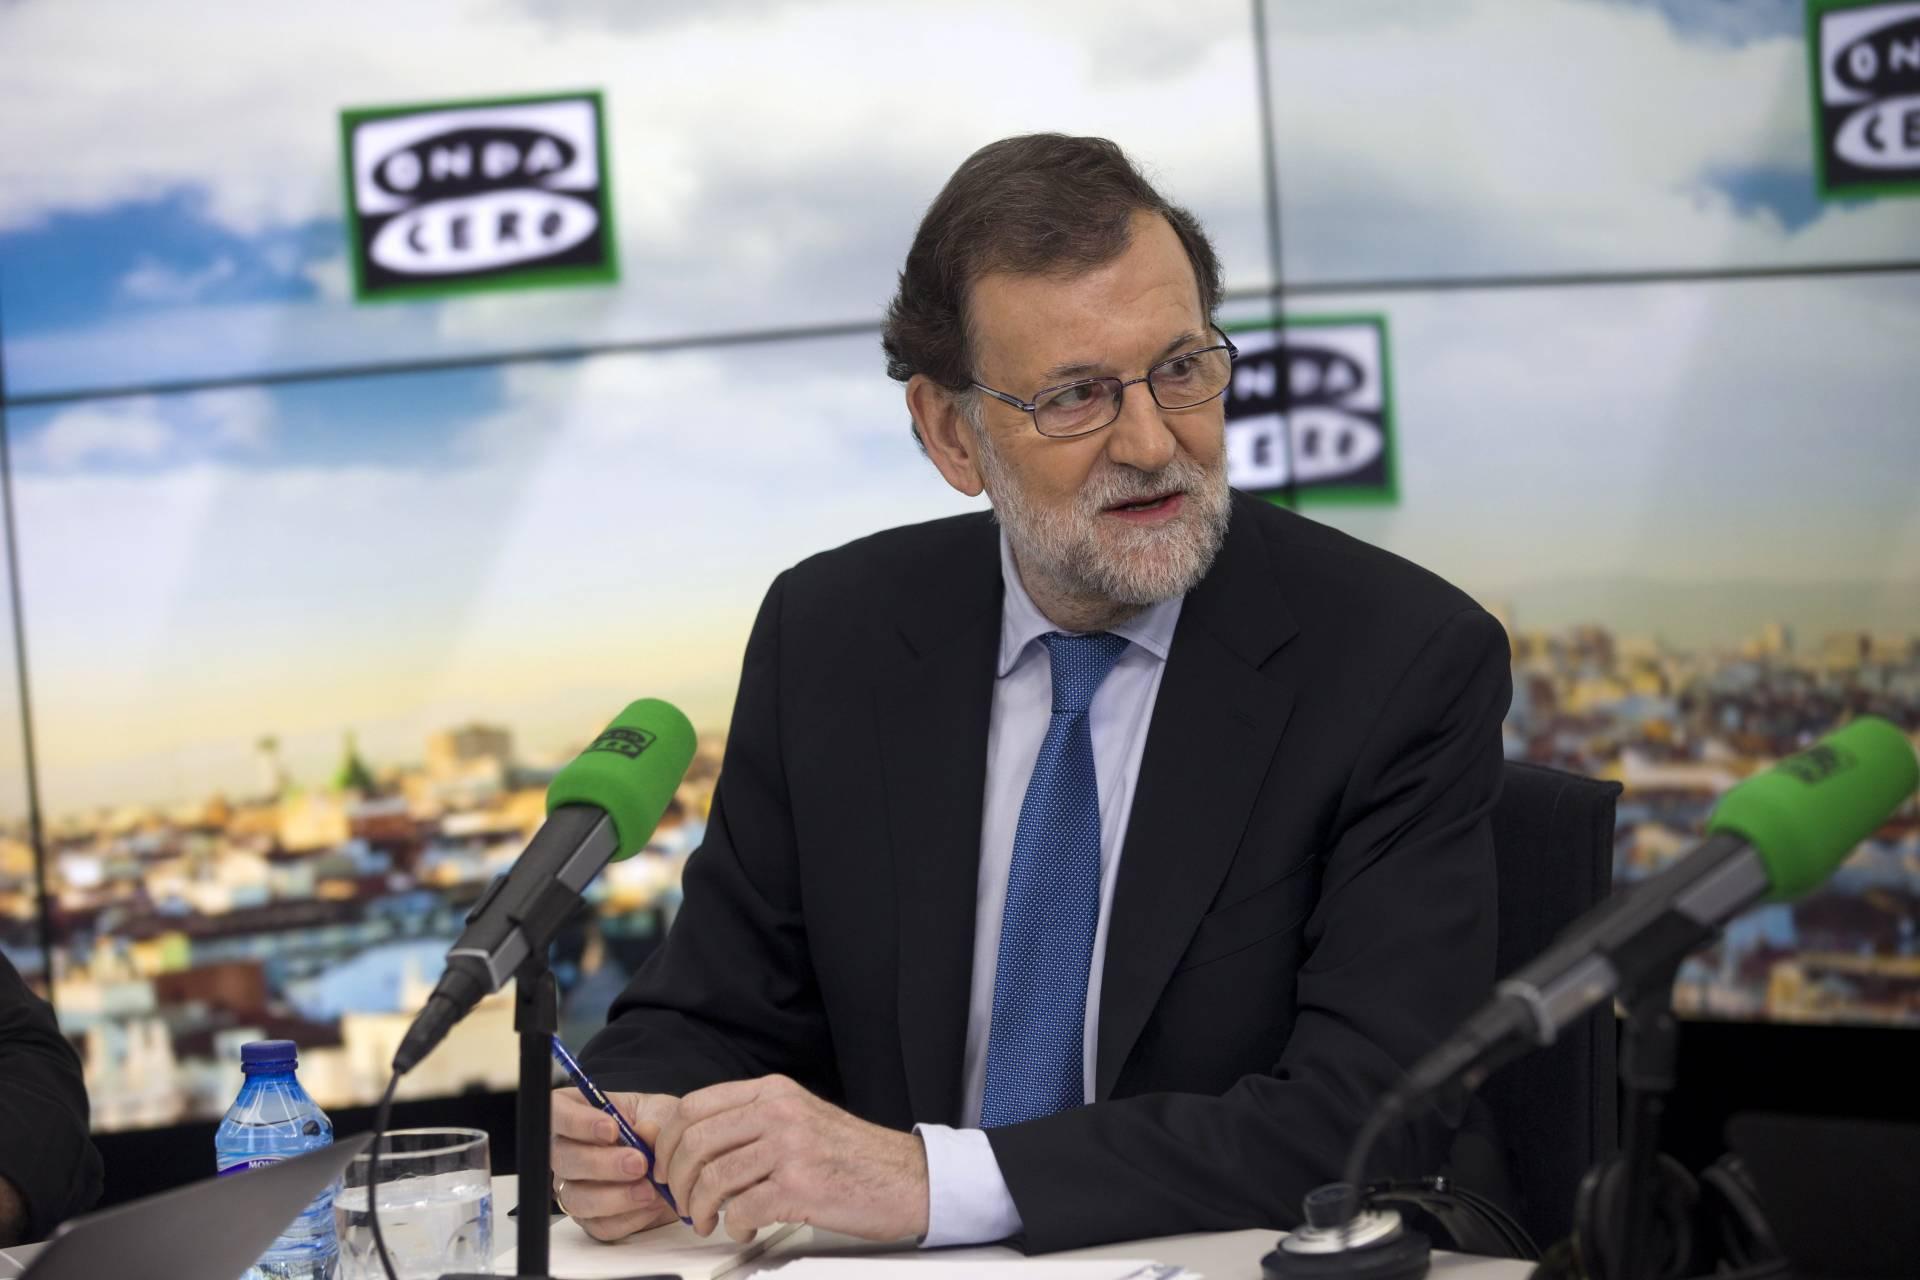 El presidente del Gobierno, Mariano Rajoy, durante su entrevista en Onda Cero.